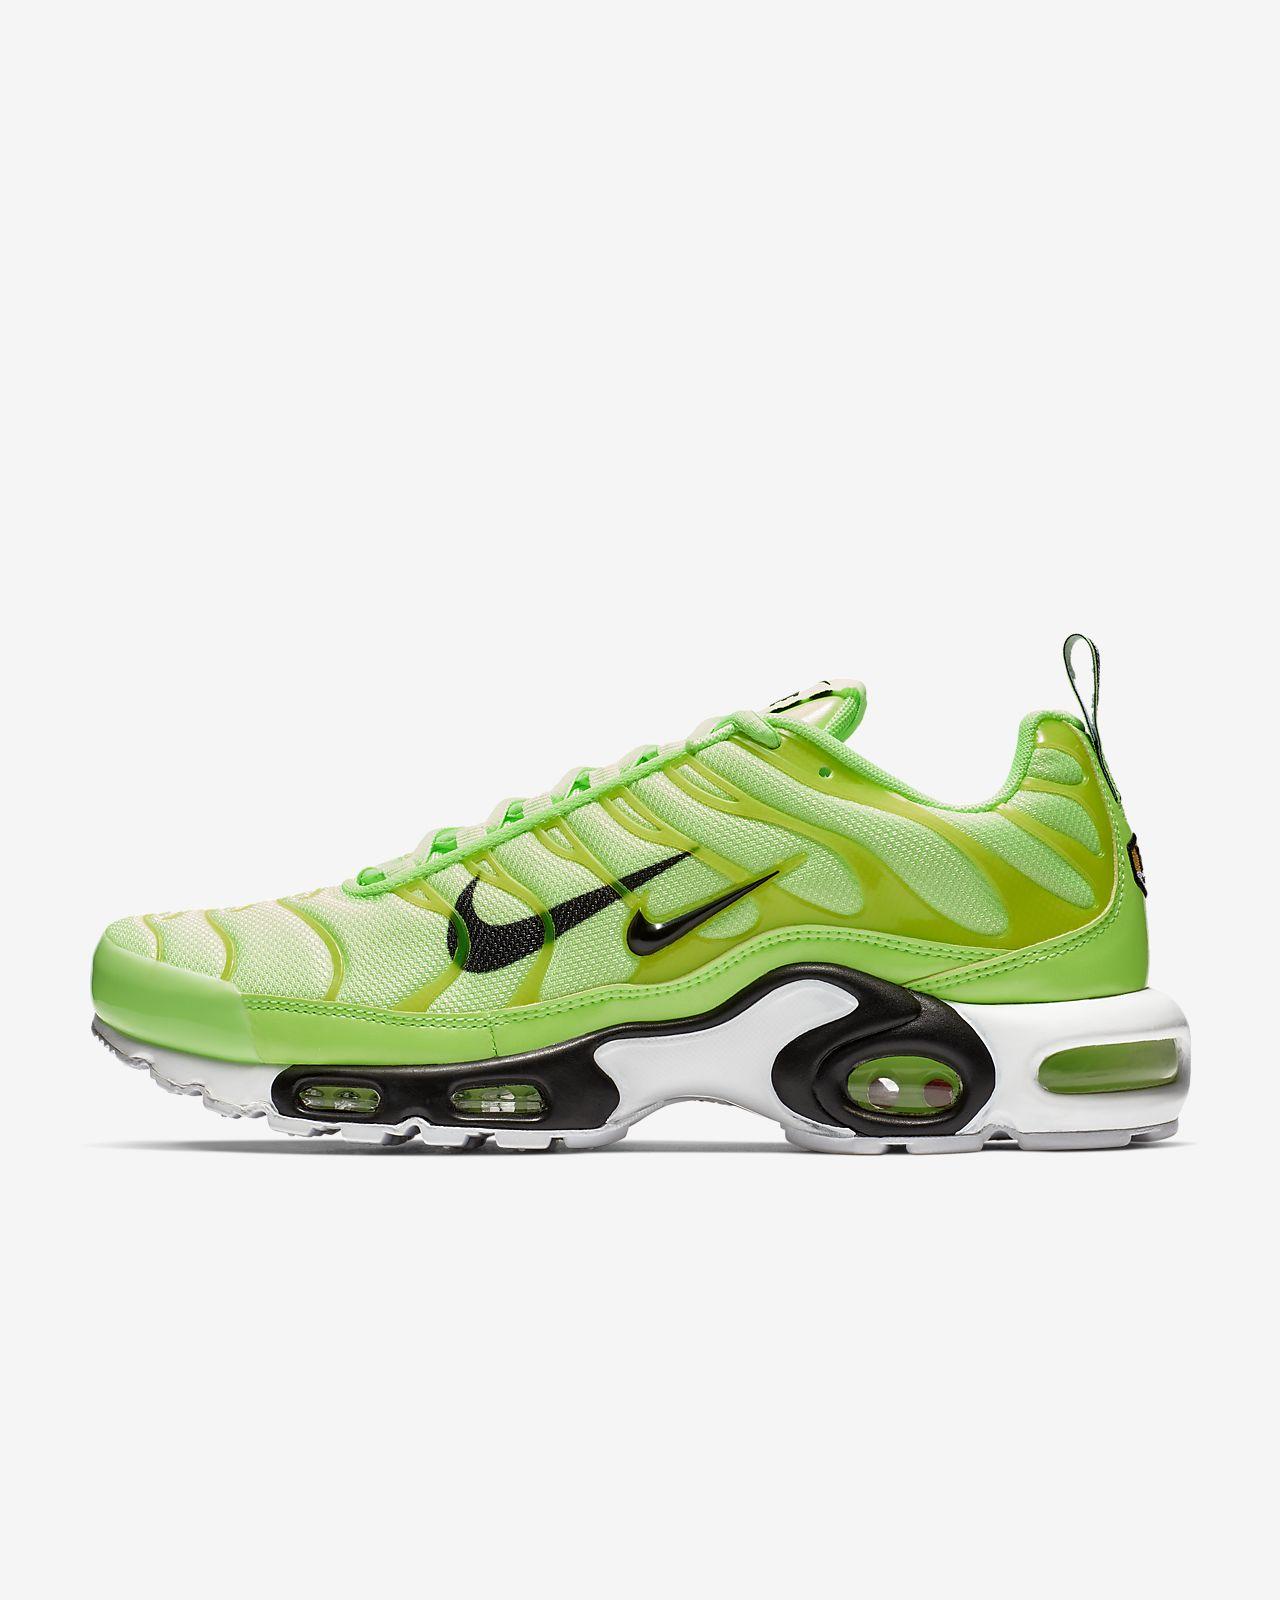 Nike Air Max Plus TN Hombre